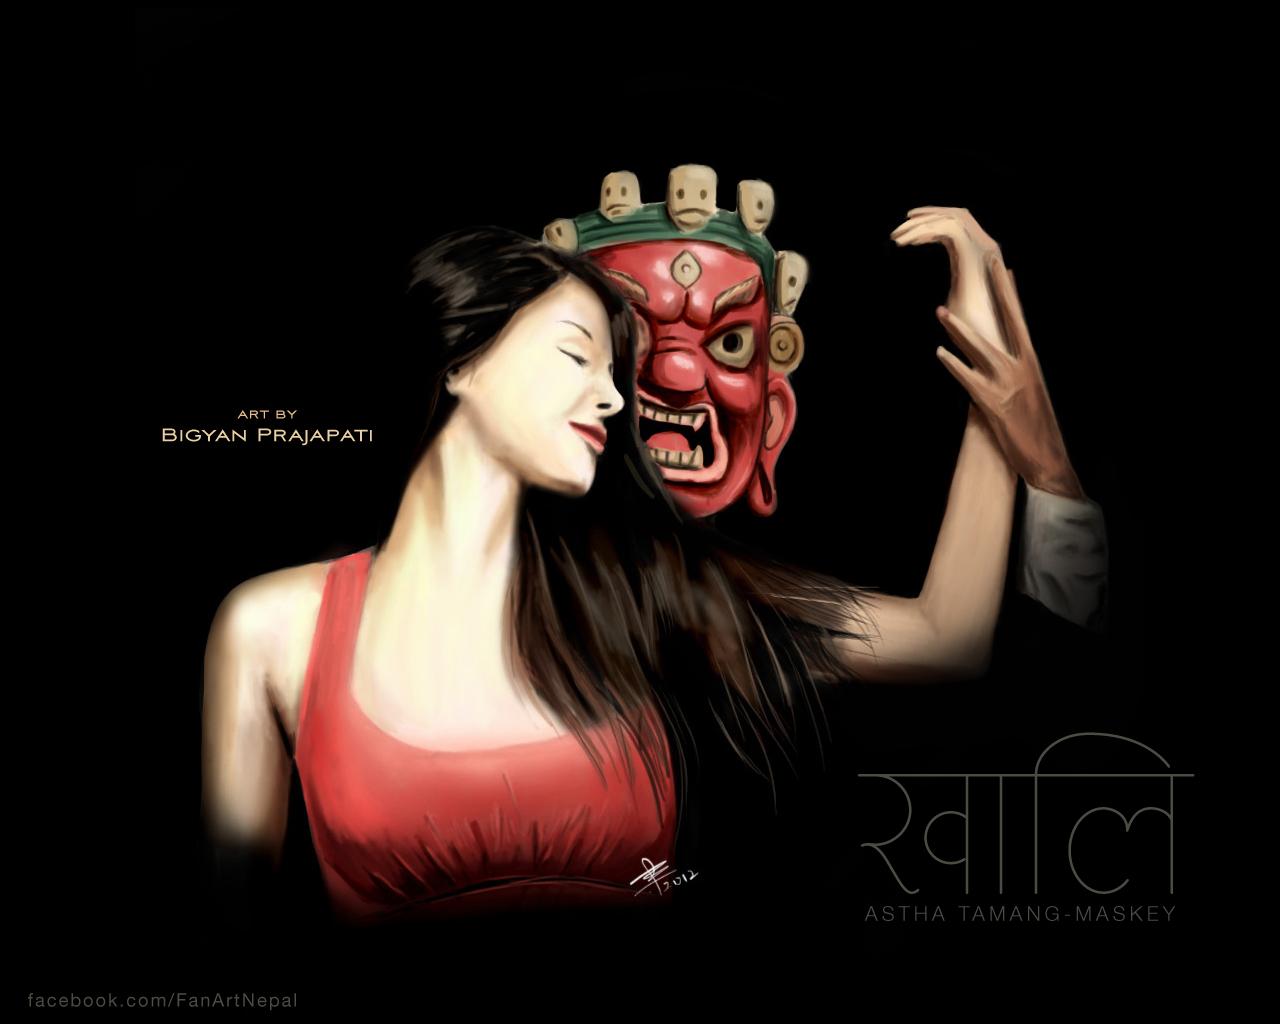 http://3.bp.blogspot.com/-ptLQFsjQI3U/UJOCXzNCTKI/AAAAAAAACuQ/X5wEoxE1Owc/s1600/astha+khali_1280x1024.jpg